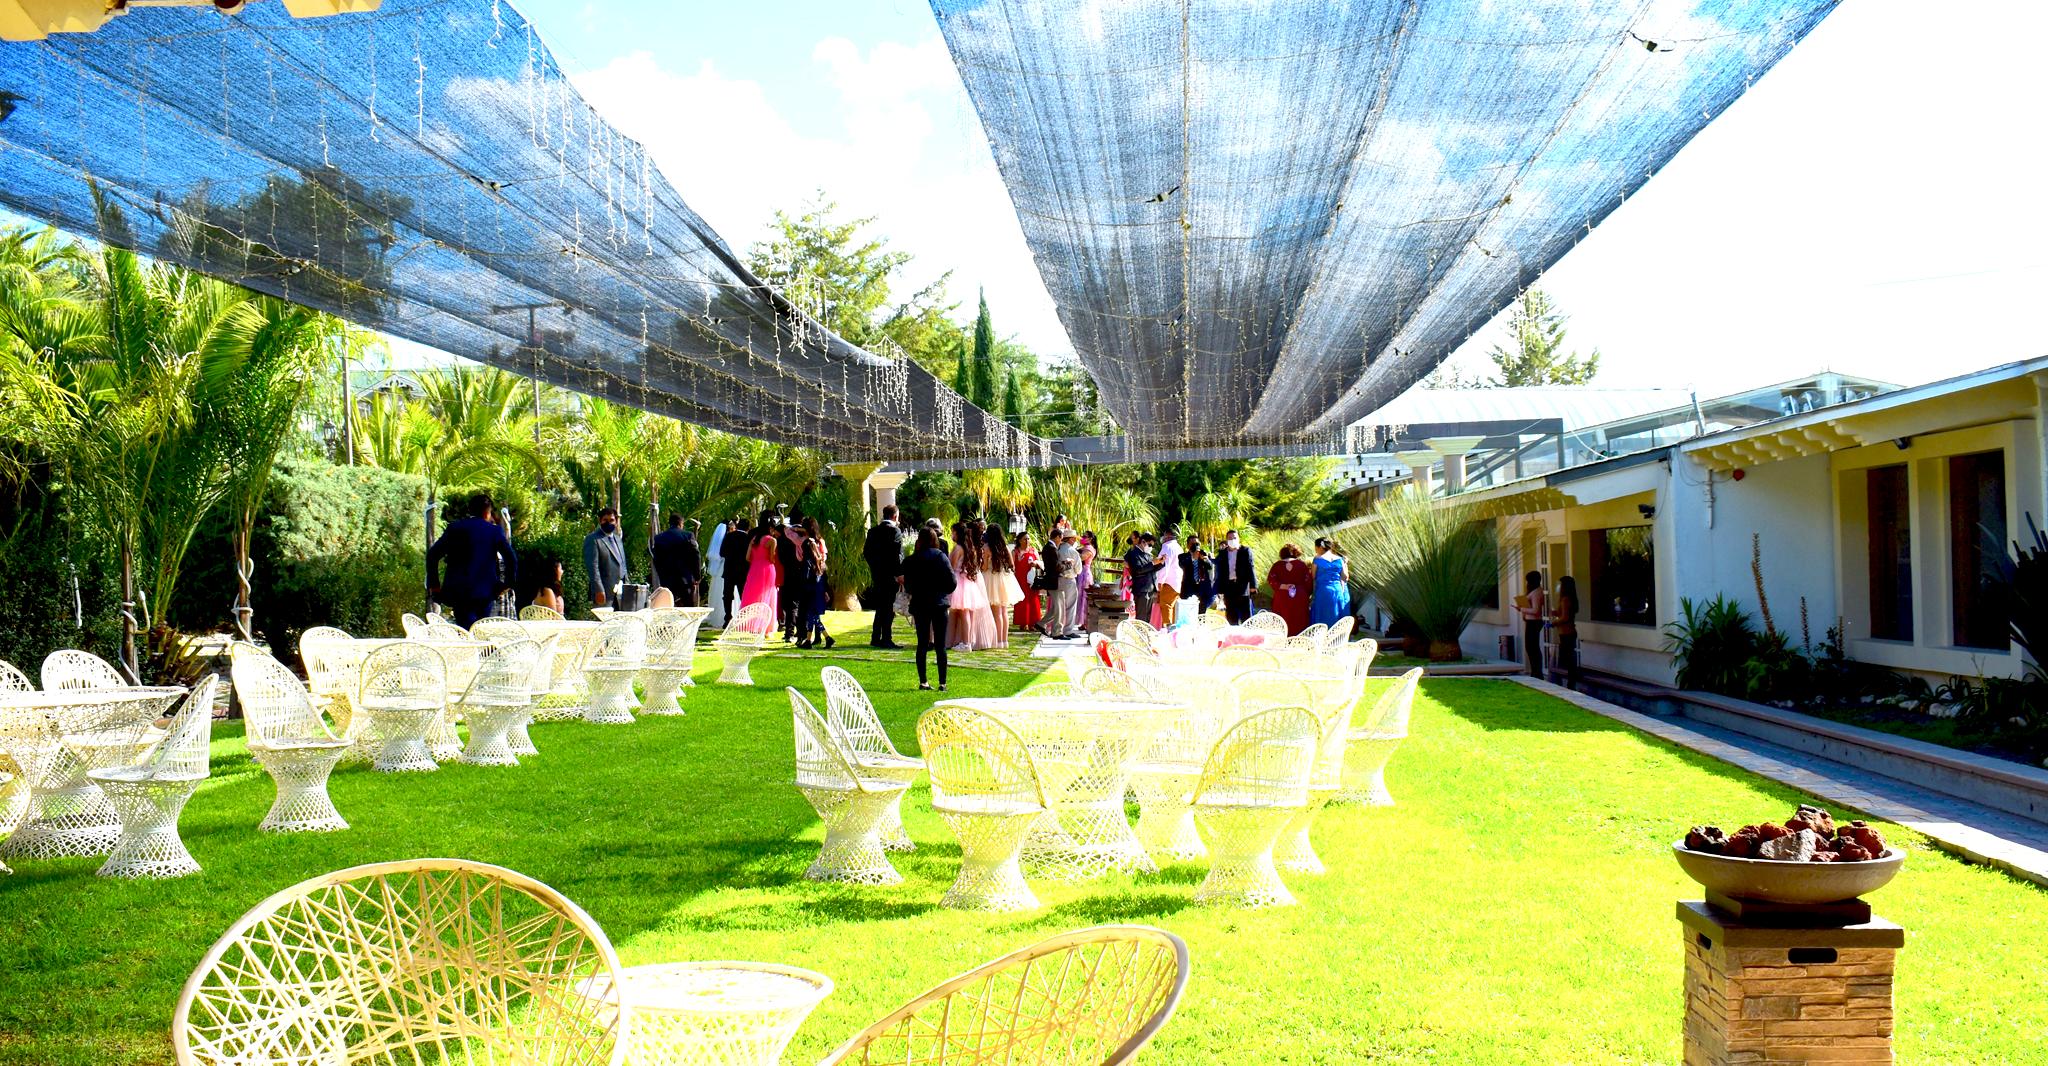 Restaurante & Salón San Pedro Huaquilpan.  Más de 30,000 metros de Áreas verdes. Jardines interiores,  espacios que te permiten entrar en contacto pleno con la naturaleza con una vista envidiable, ubicándonos en el municipio de Zapotlán de Juárez Hgo. México.